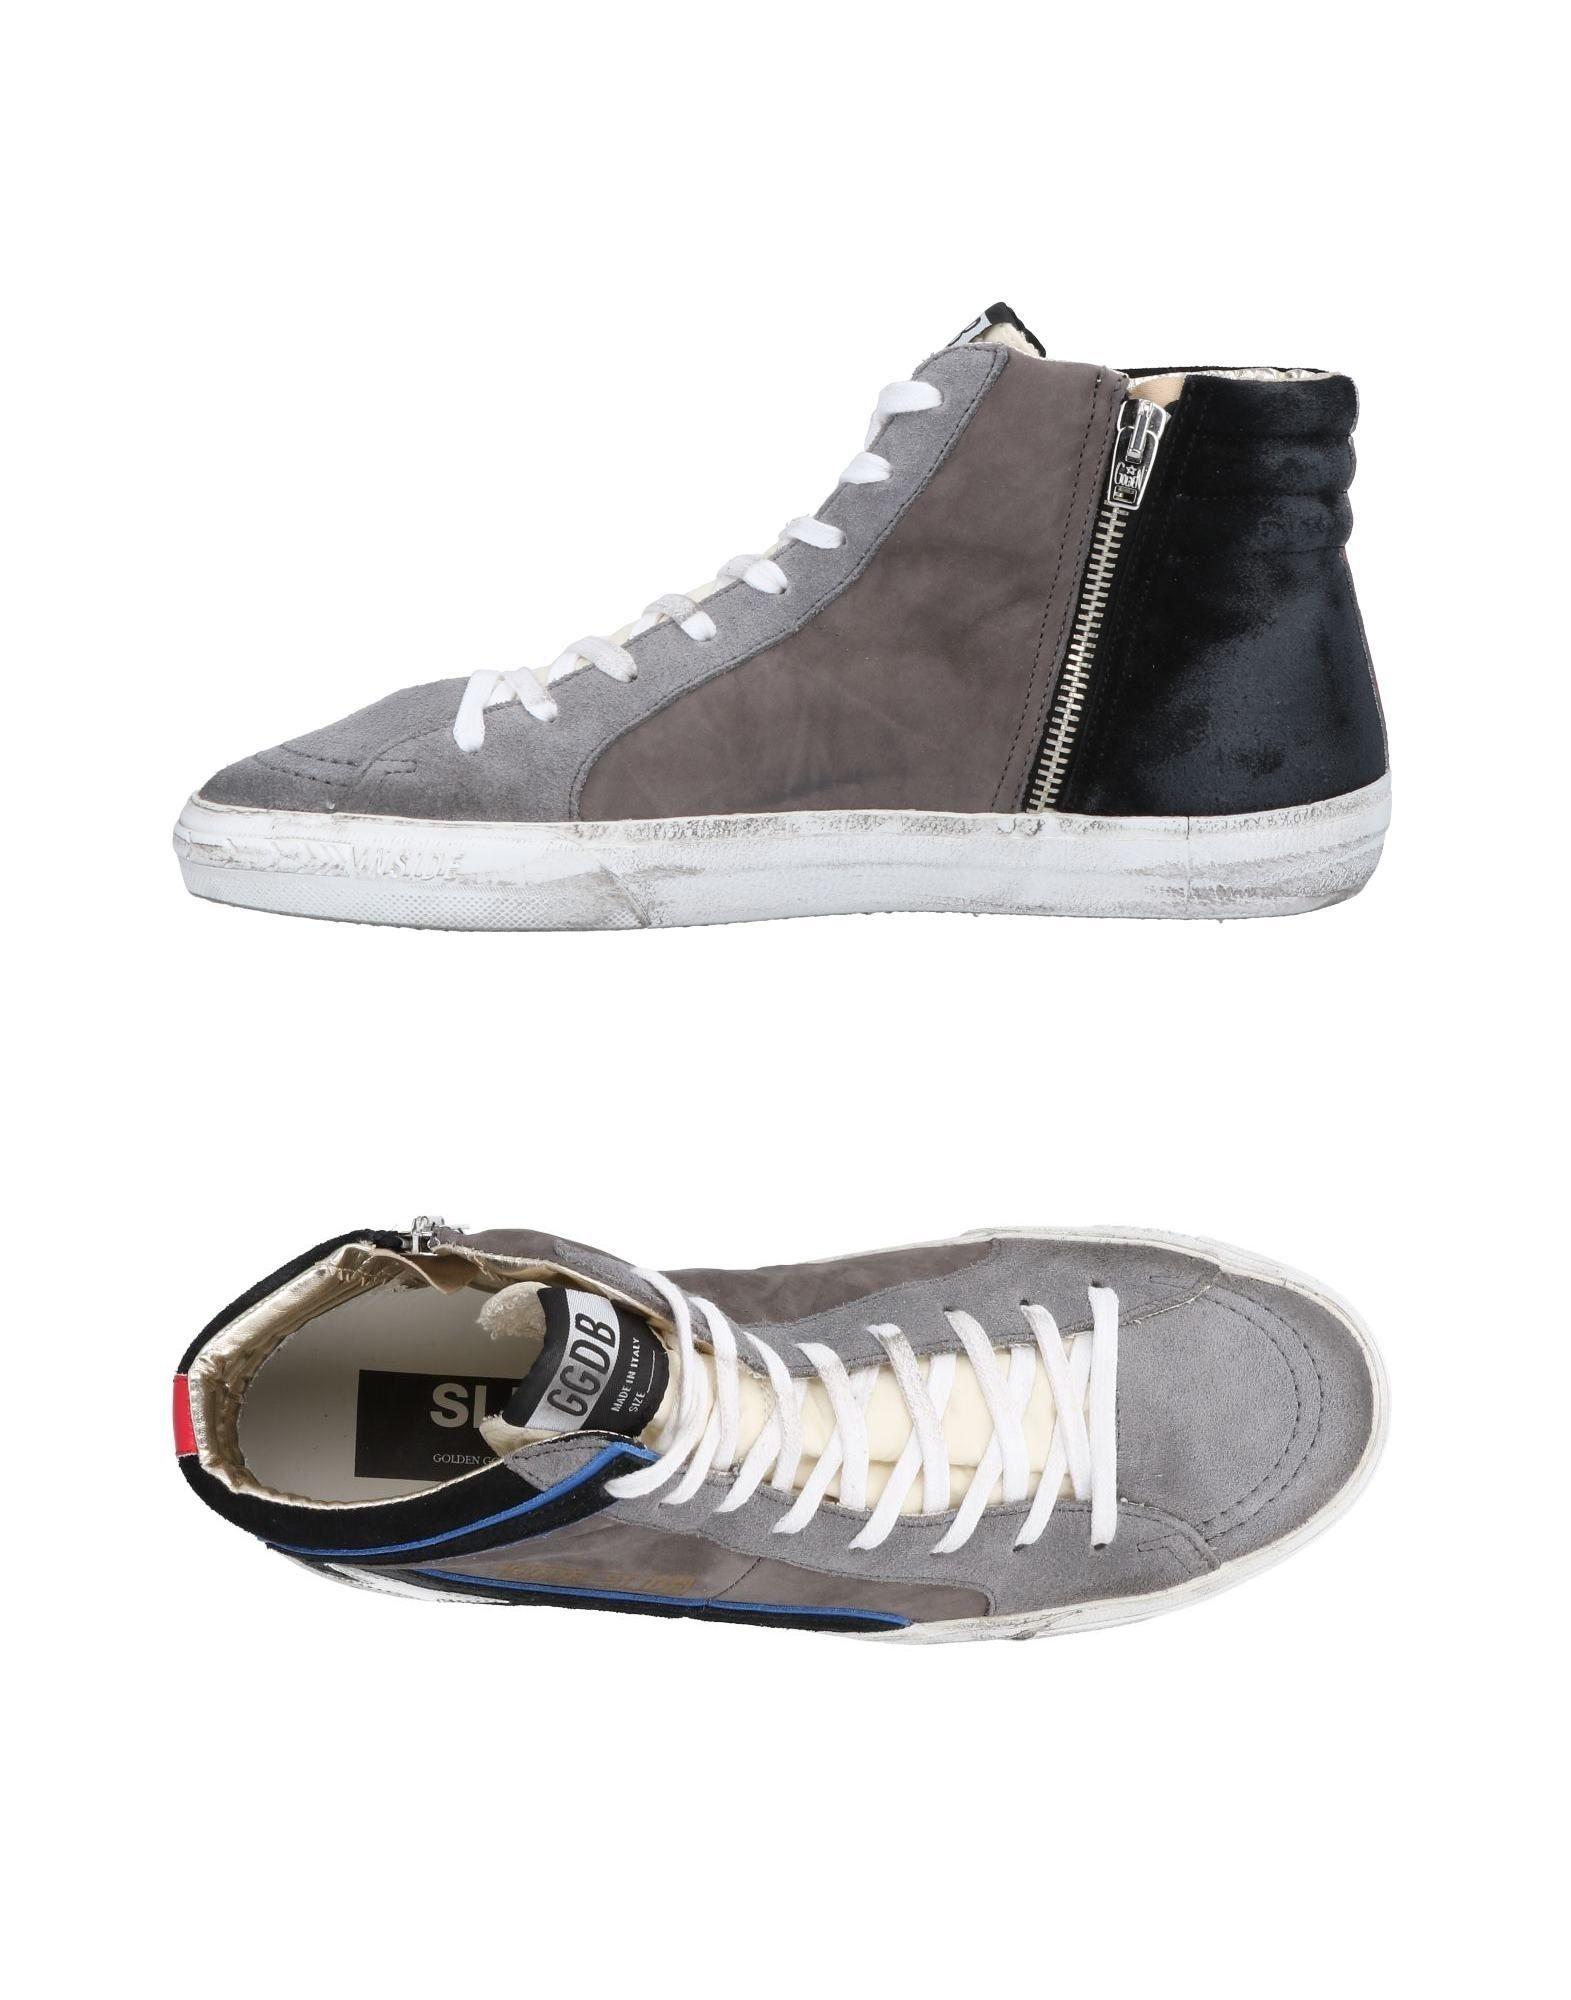 Golden Herren Goose Deluxe Brand Sneakers Herren Golden  11468629FC Gute Qualität beliebte Schuhe 4e6238